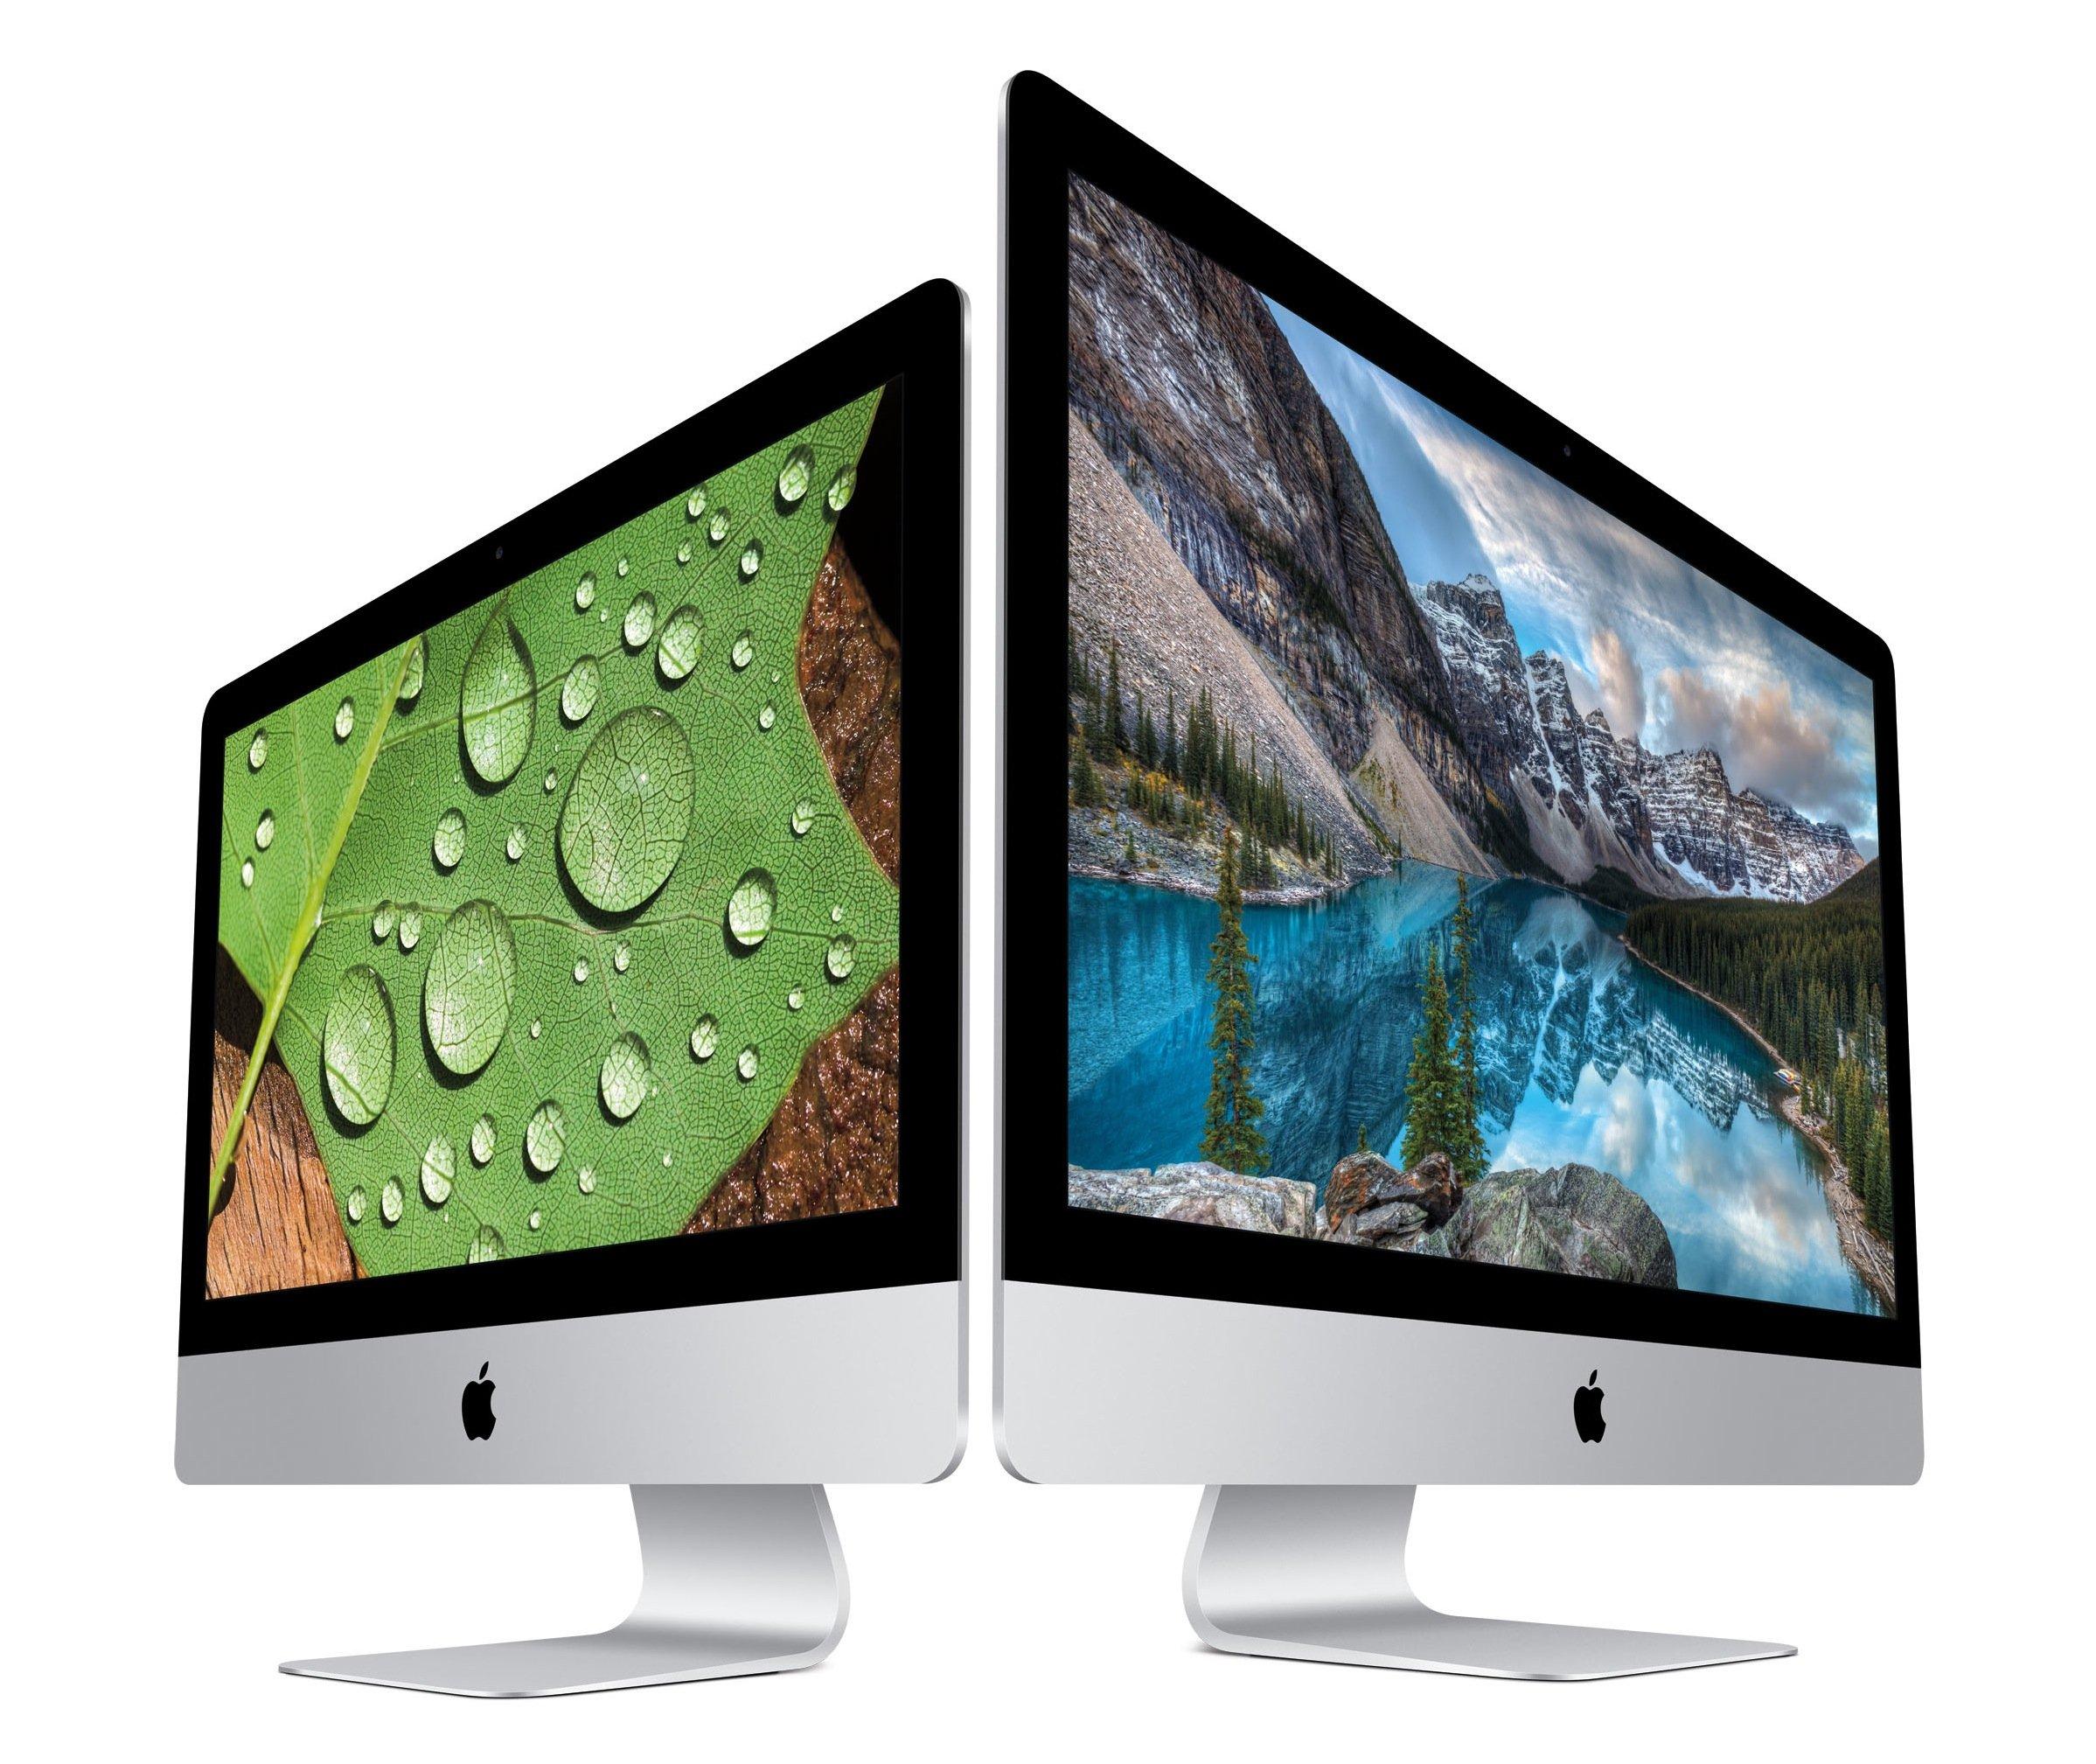 iMac-Computer von Apple: Der Konzern hat den Marktanteil seines Betriebssystems MacOS auf knapp 10 % steigern können.